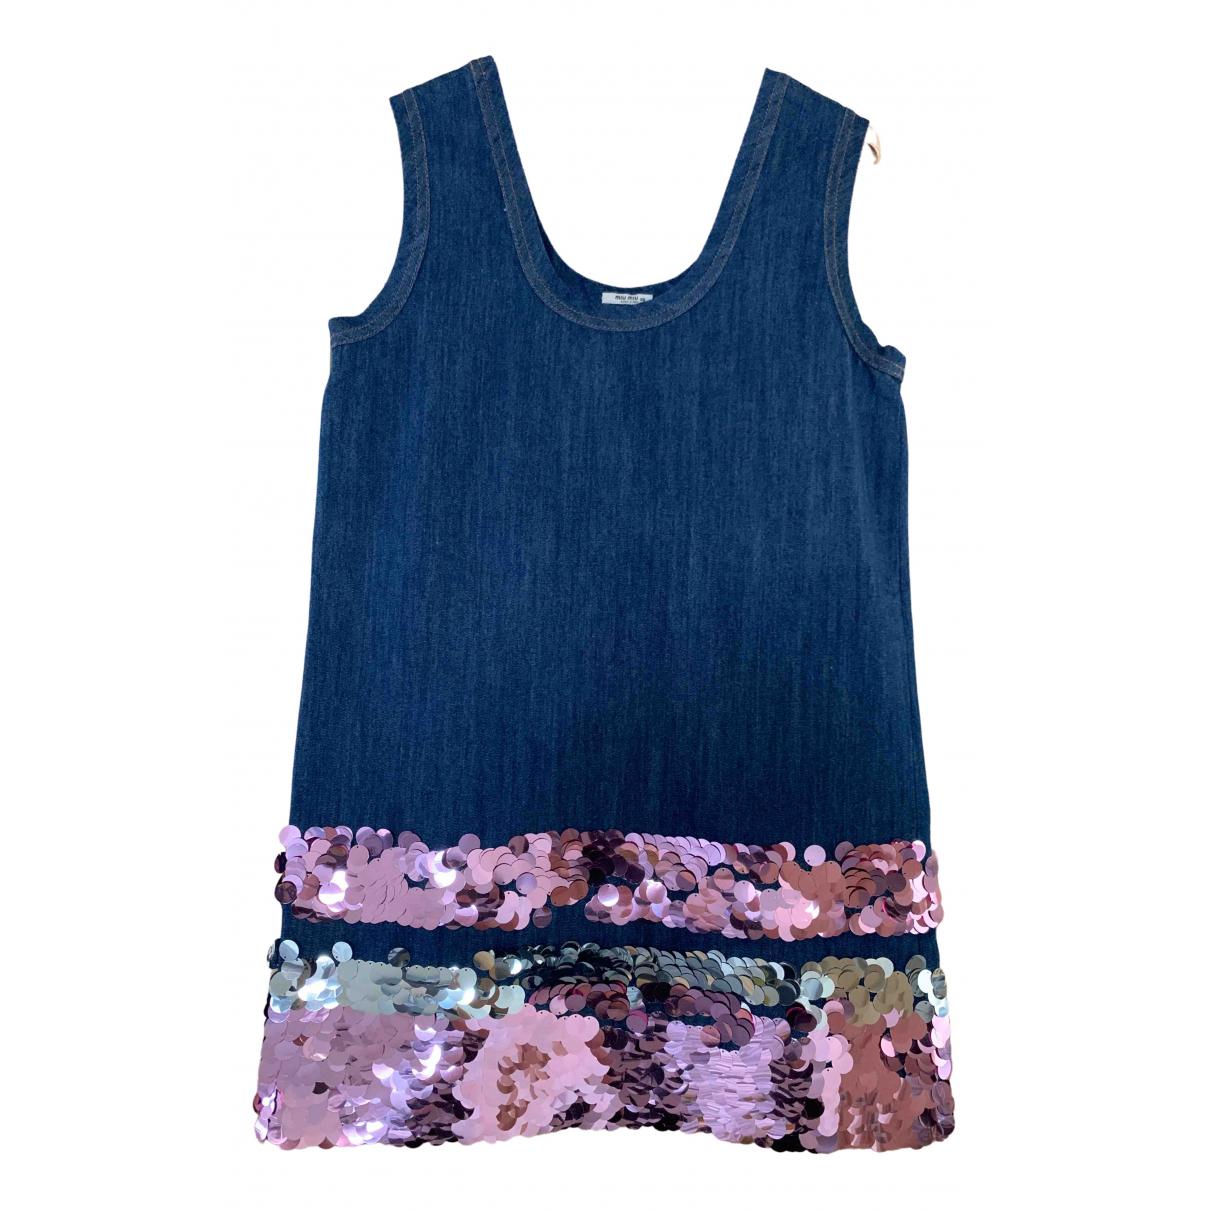 Miu Miu \N Kleid in  Blau Denim - Jeans